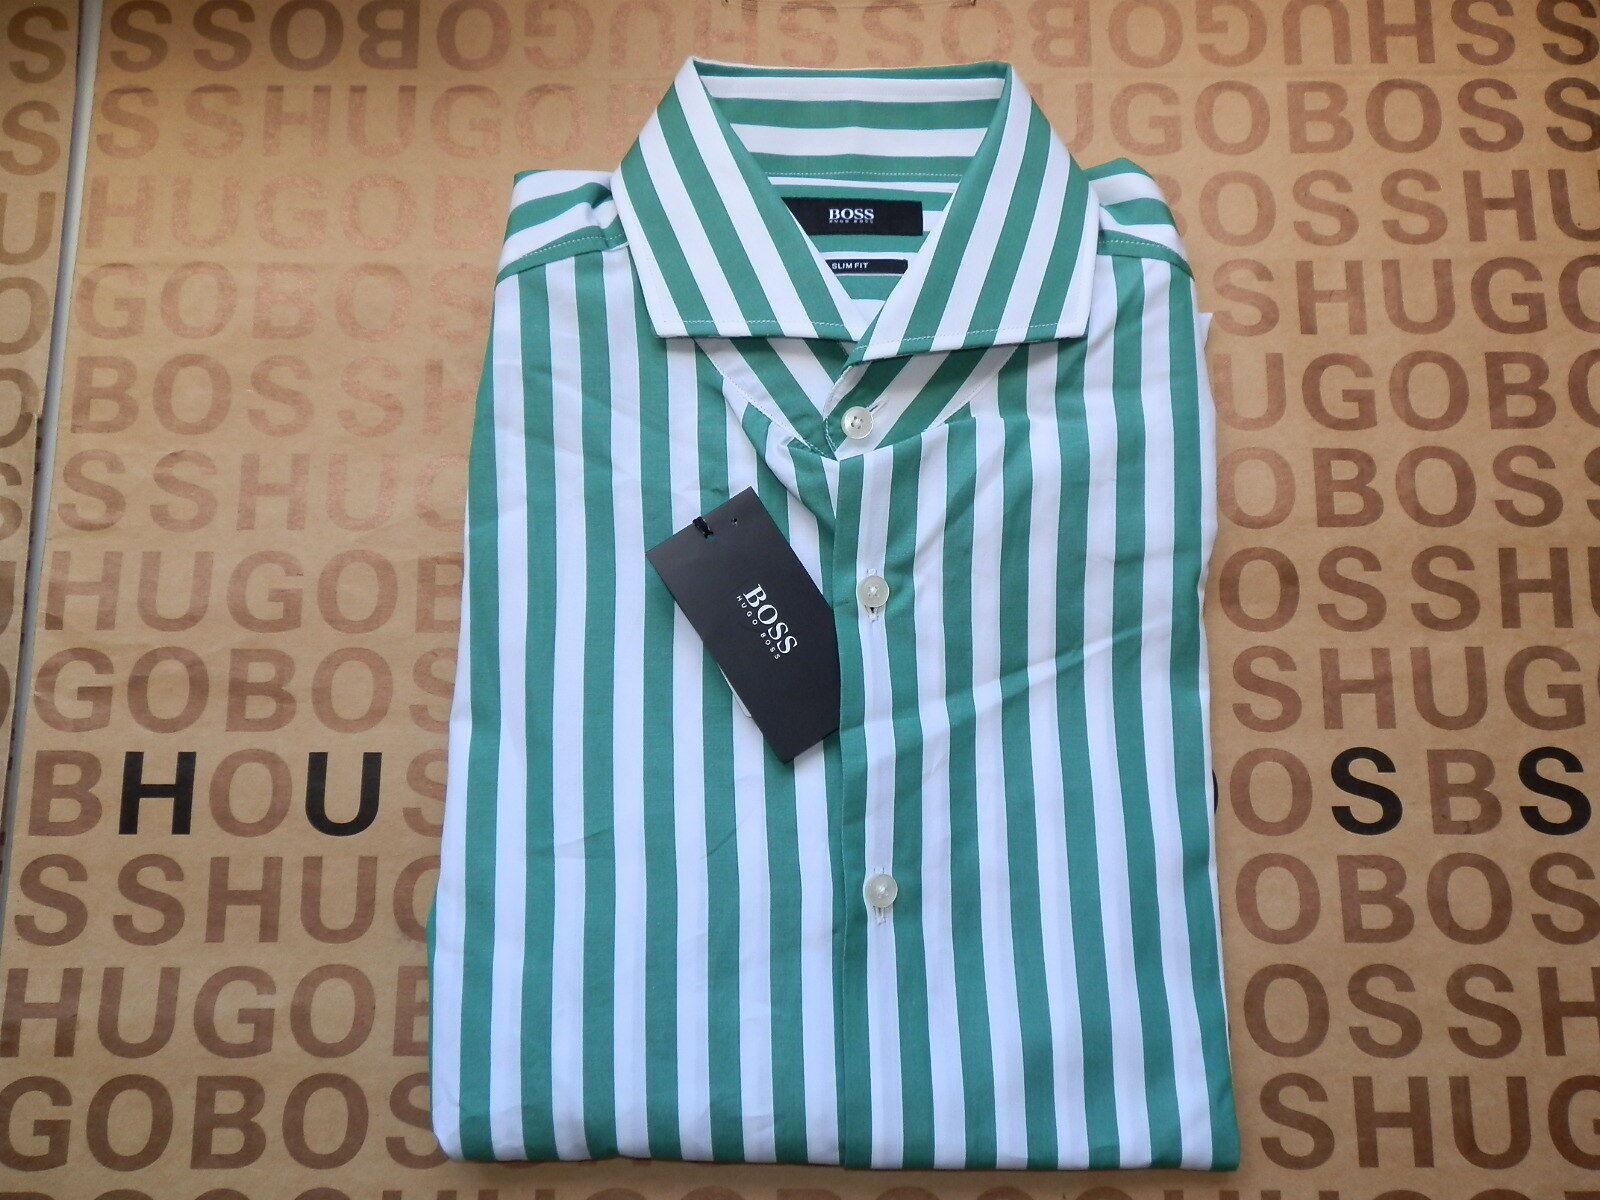 NUOVO HUGO BOSS verde a righe da uomo slim fit Tuta Cotone Smart Formale Camicia 15.5 17